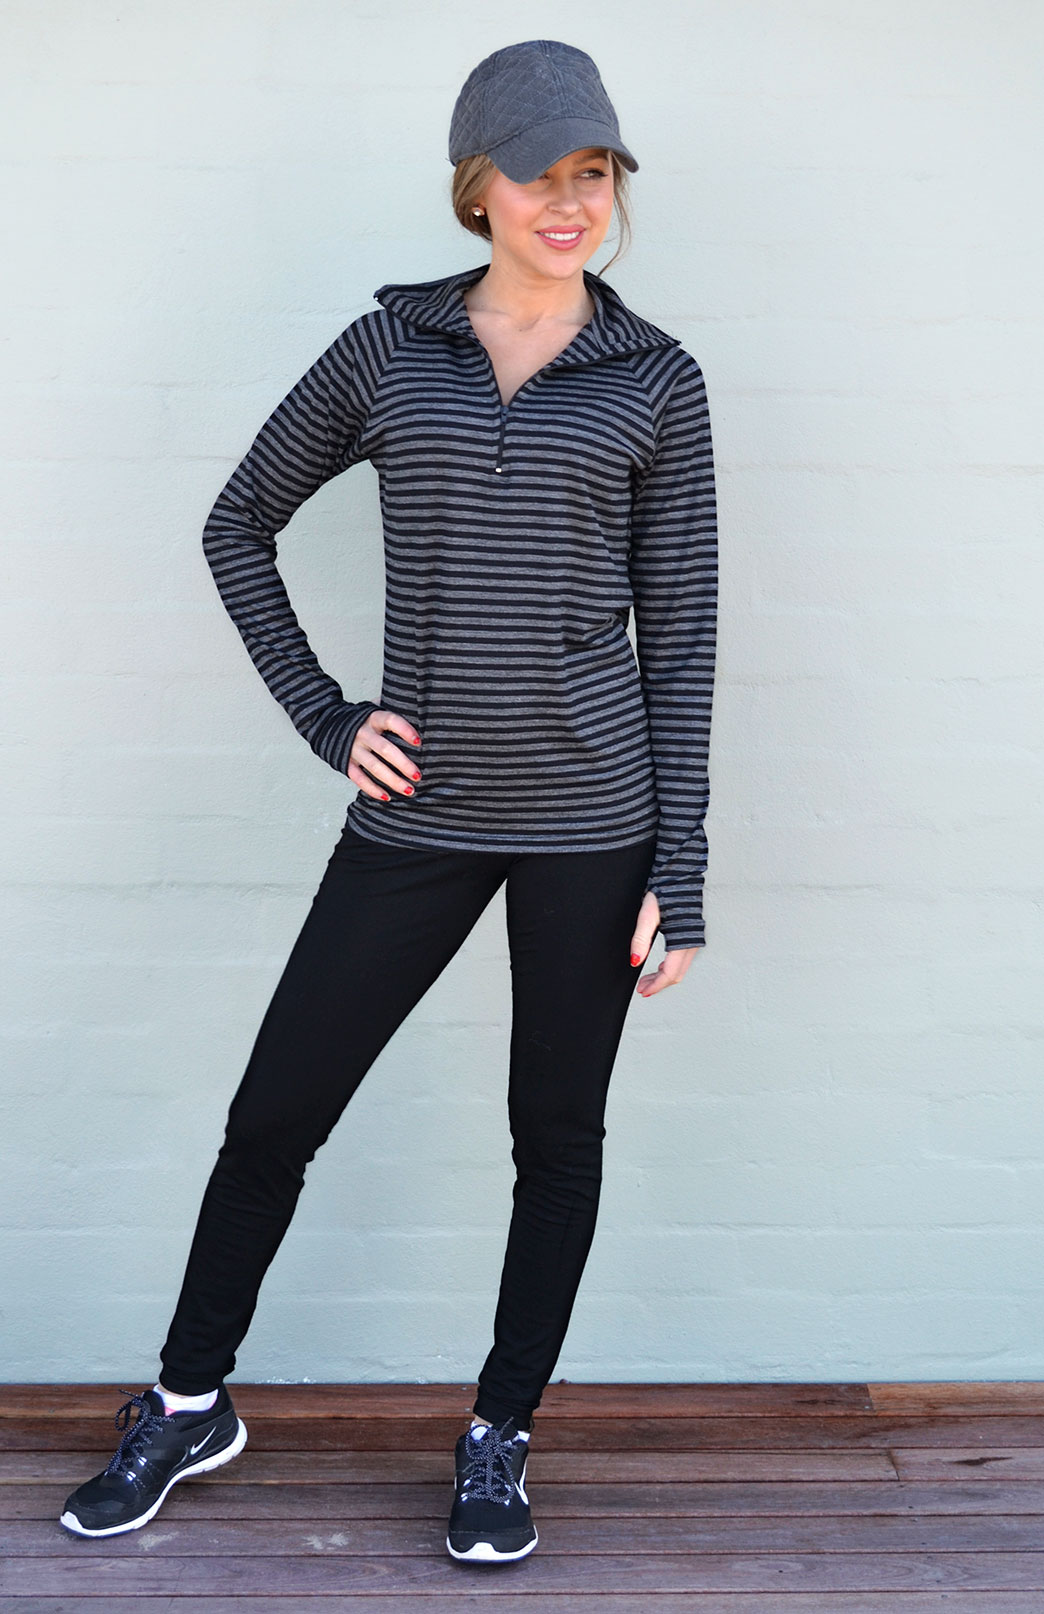 Zip Neck Top - Midweight (220g) - Women's Black and Grey Stripe Wool Zip Neck Pullover Top with collar - Smitten Merino Tasmania Australia